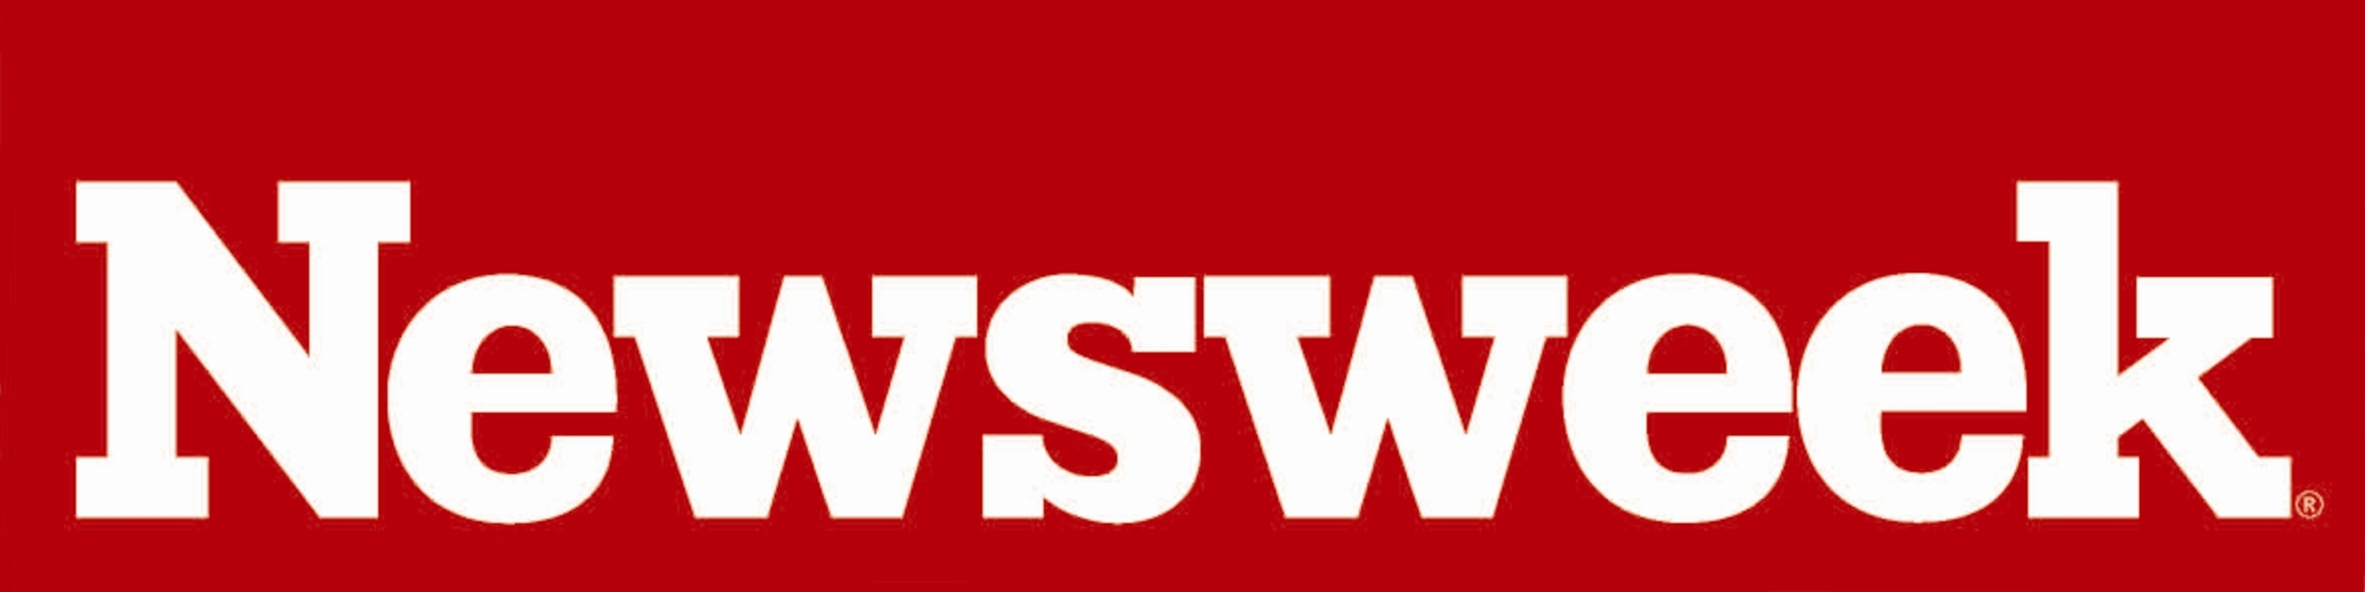 newsweek-logo